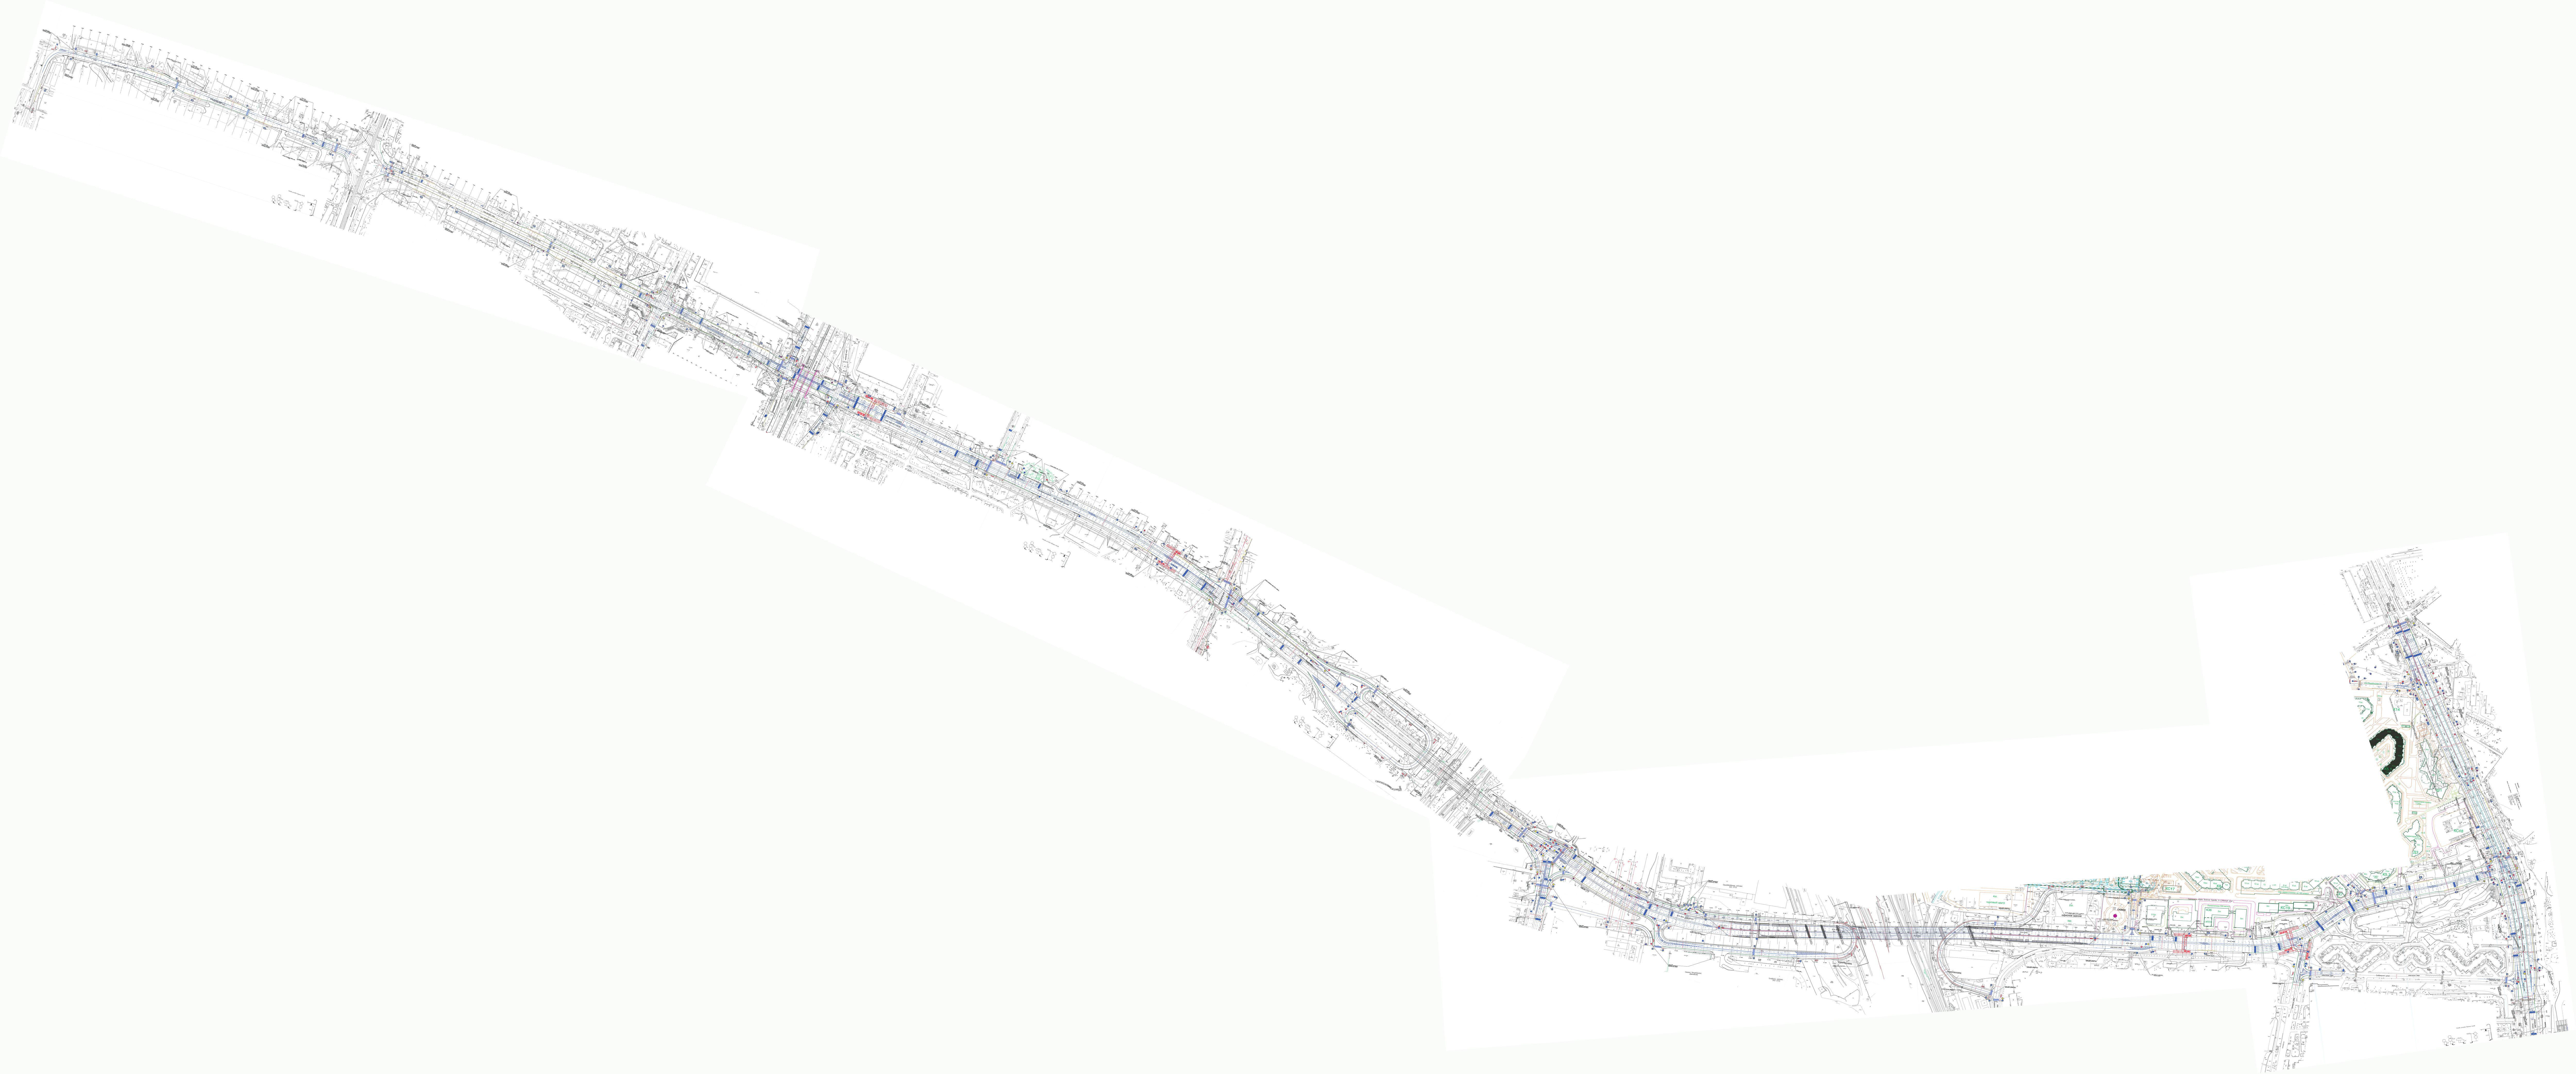 собянин распоряжение схема скоростного трамвая